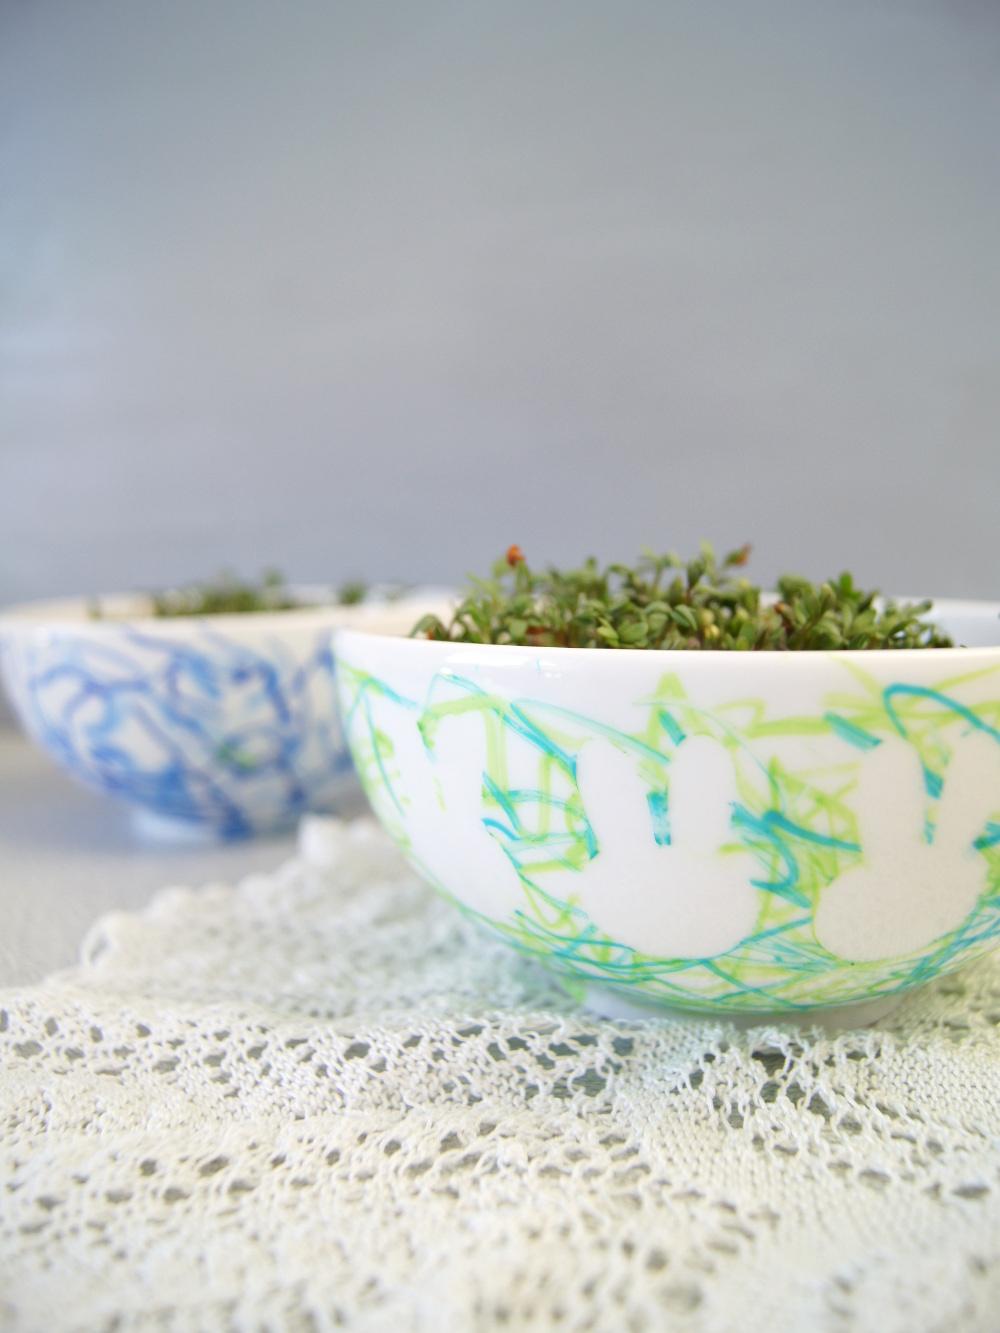 Porzellanschale mit Kleinkindern verzieren und mit Kresse bepflanzen. Basteln mit Kindern zu Ostern | von Fantasiewerk #kinderbasteln #ostergeschenk